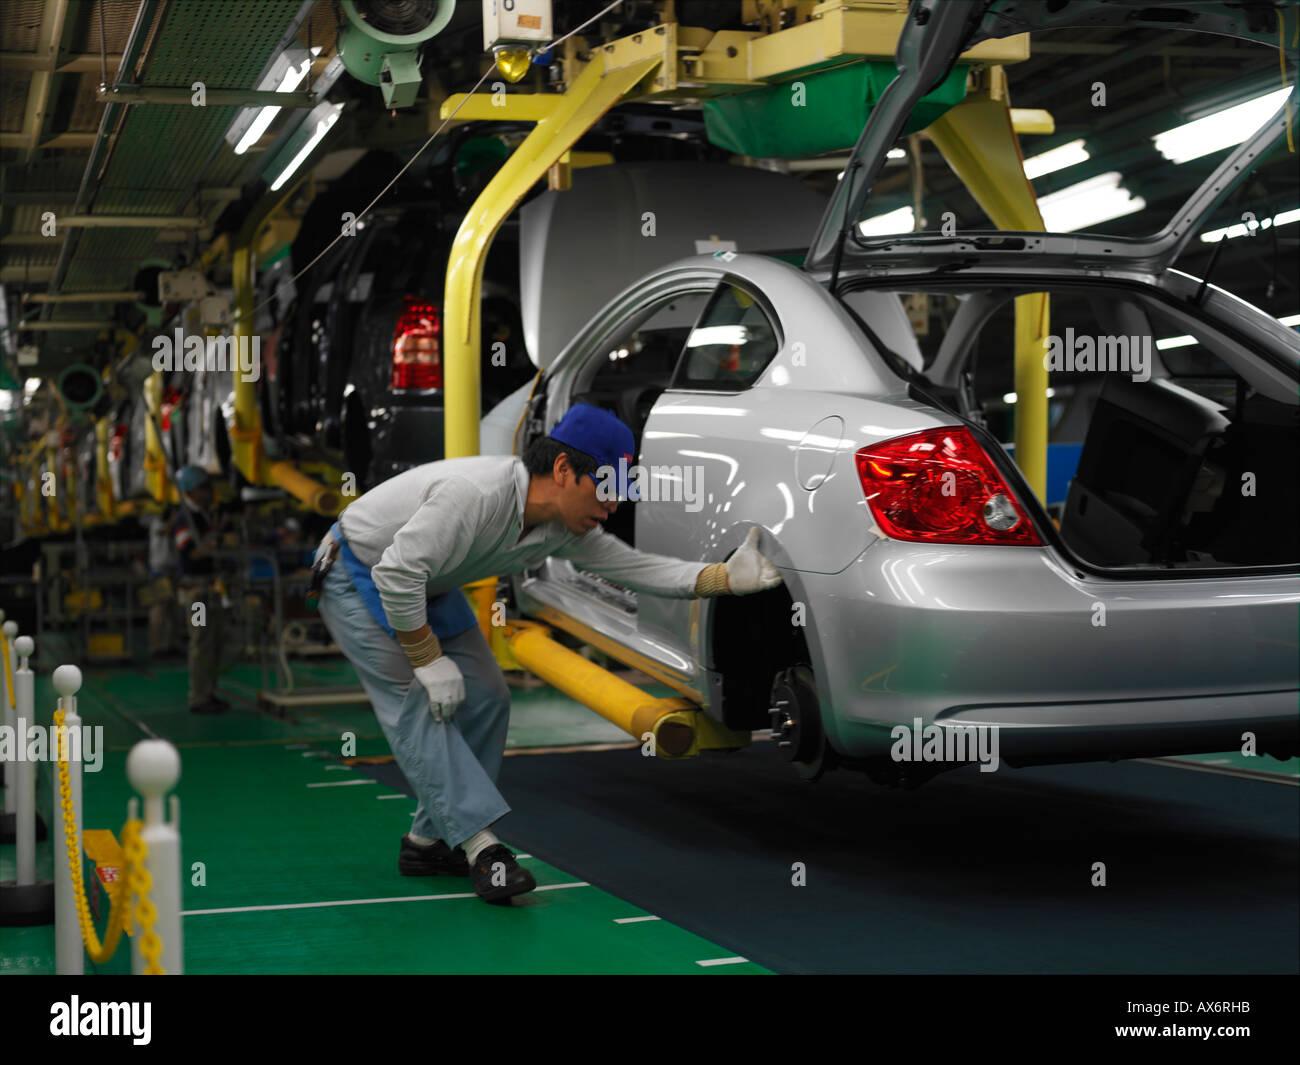 Les travailleurs de l'usine produisant les voitures hybrides Toyota Prius, travailler sur la chaîne de montage de la ville de Toyota Photo Stock